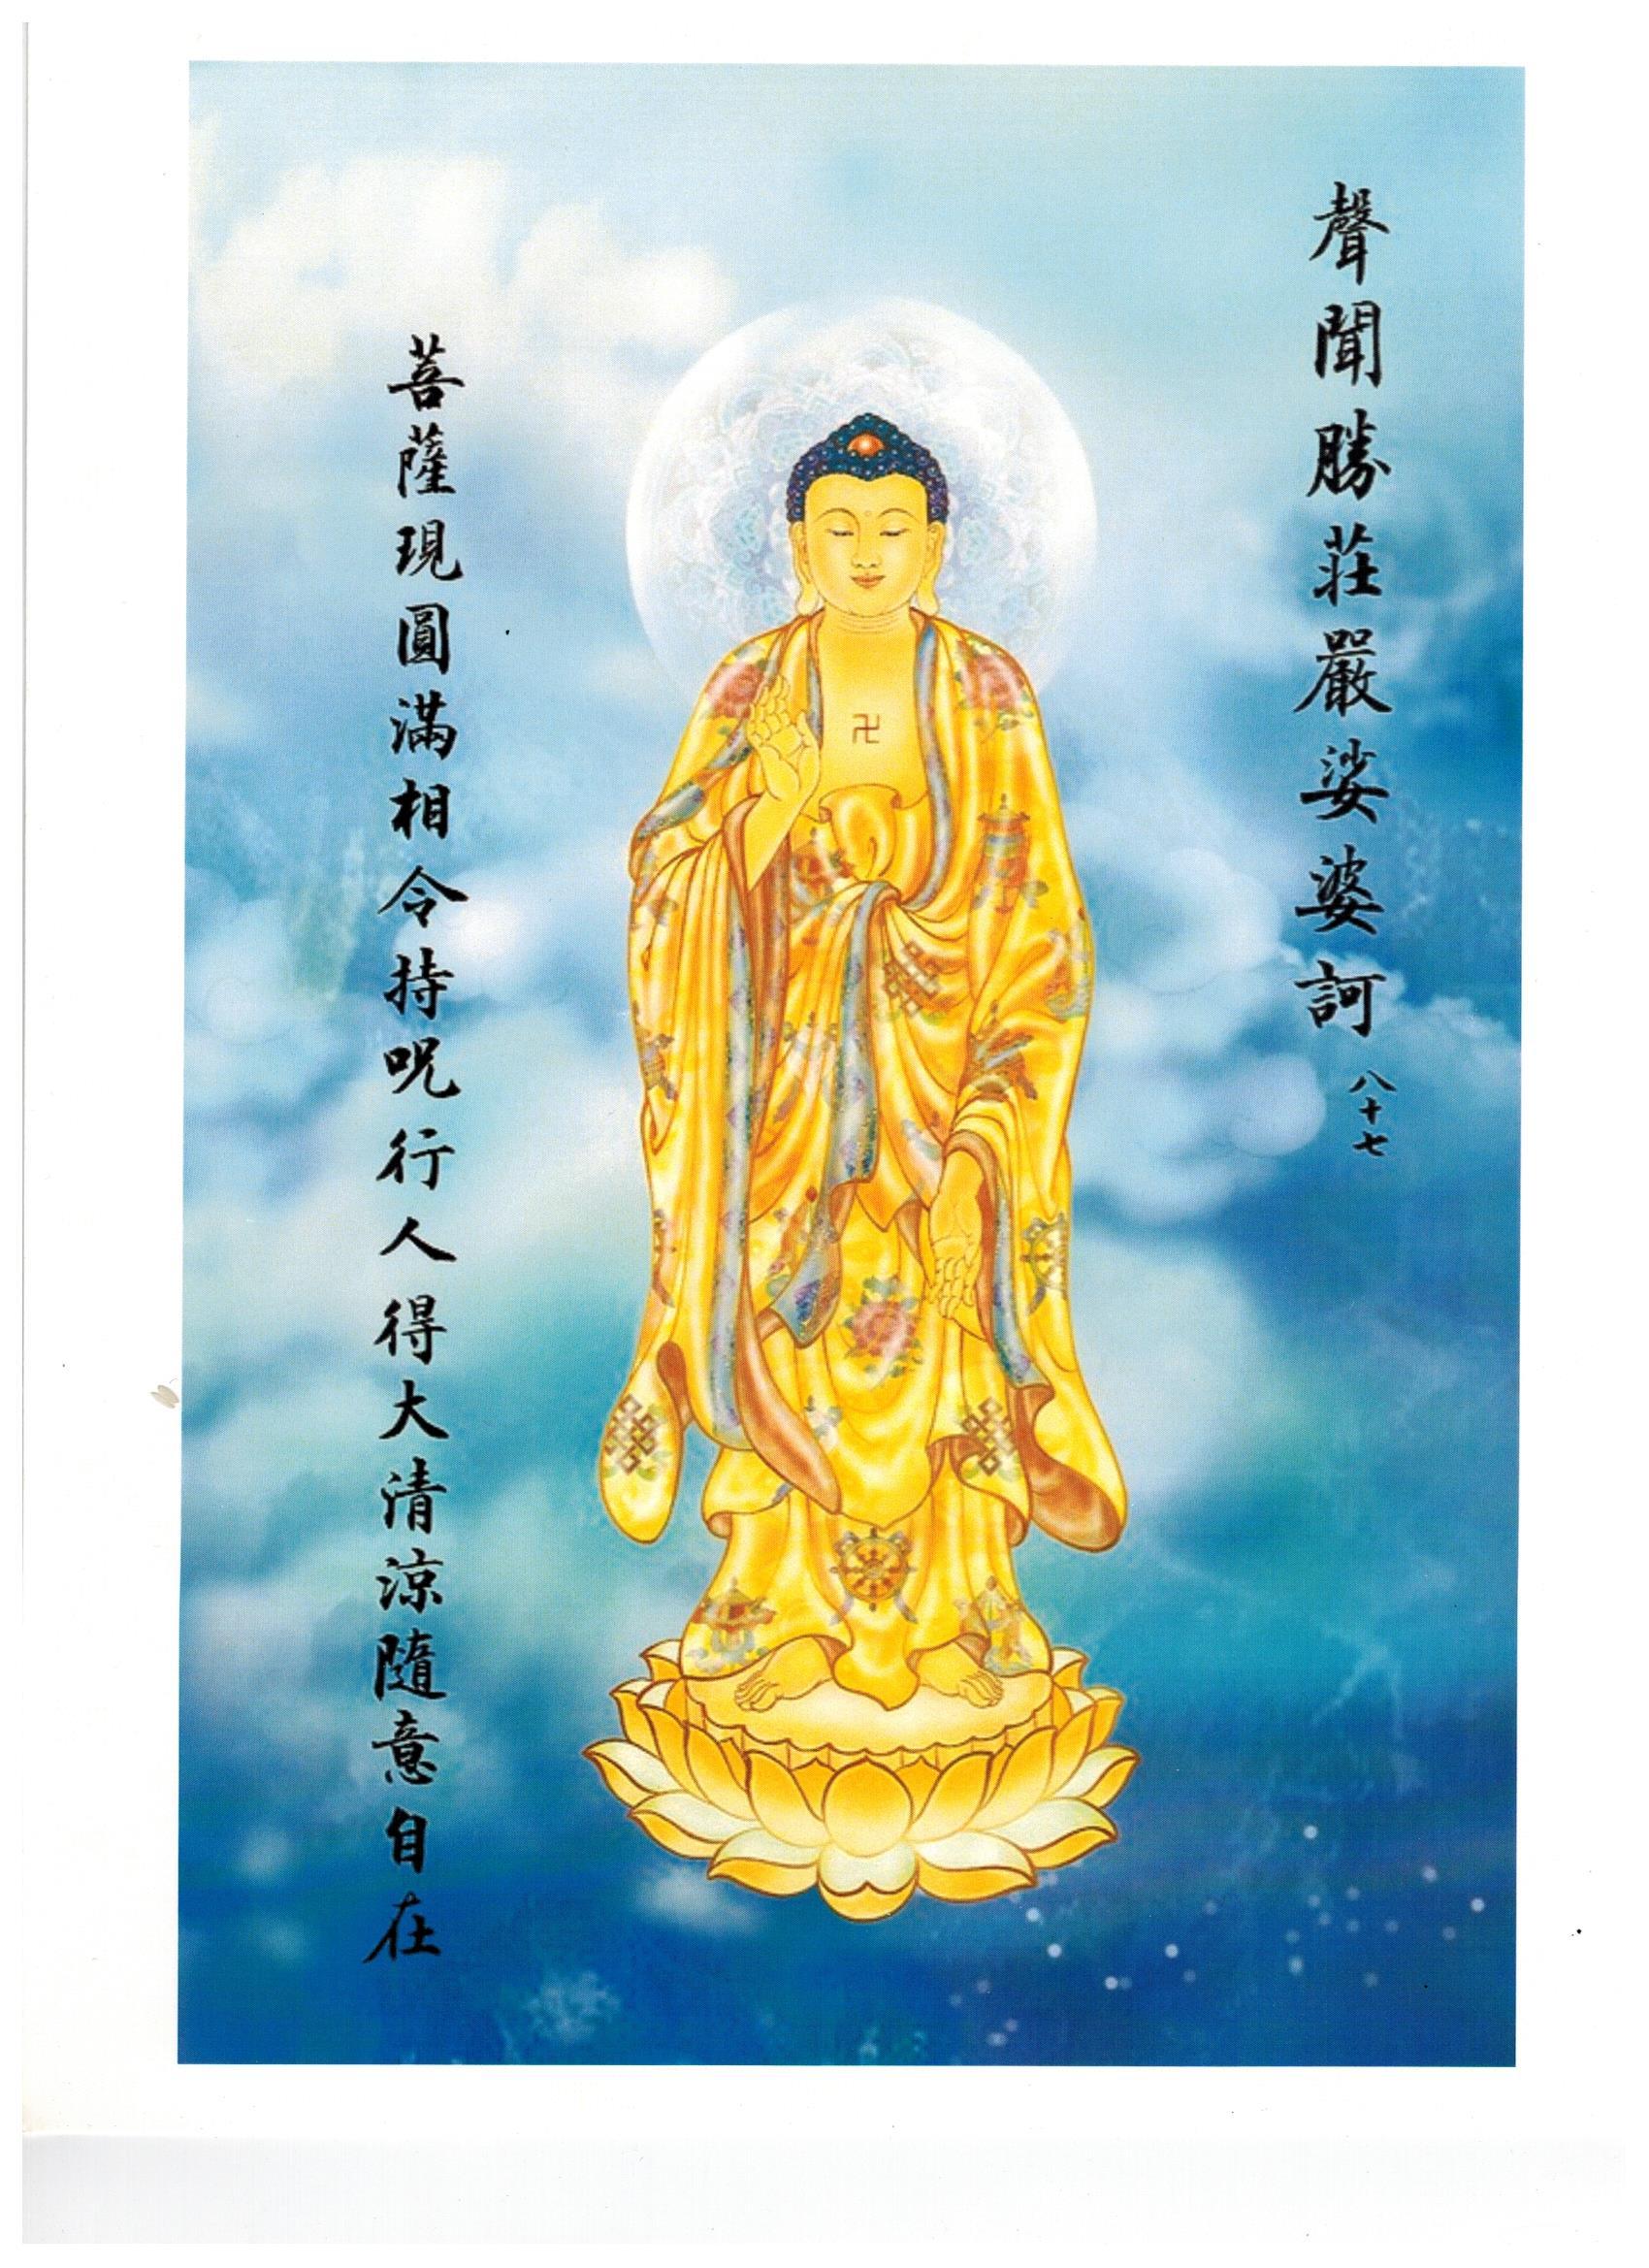 86 -  Sheng Wen Sheng Zhuang Yan So Po Hu